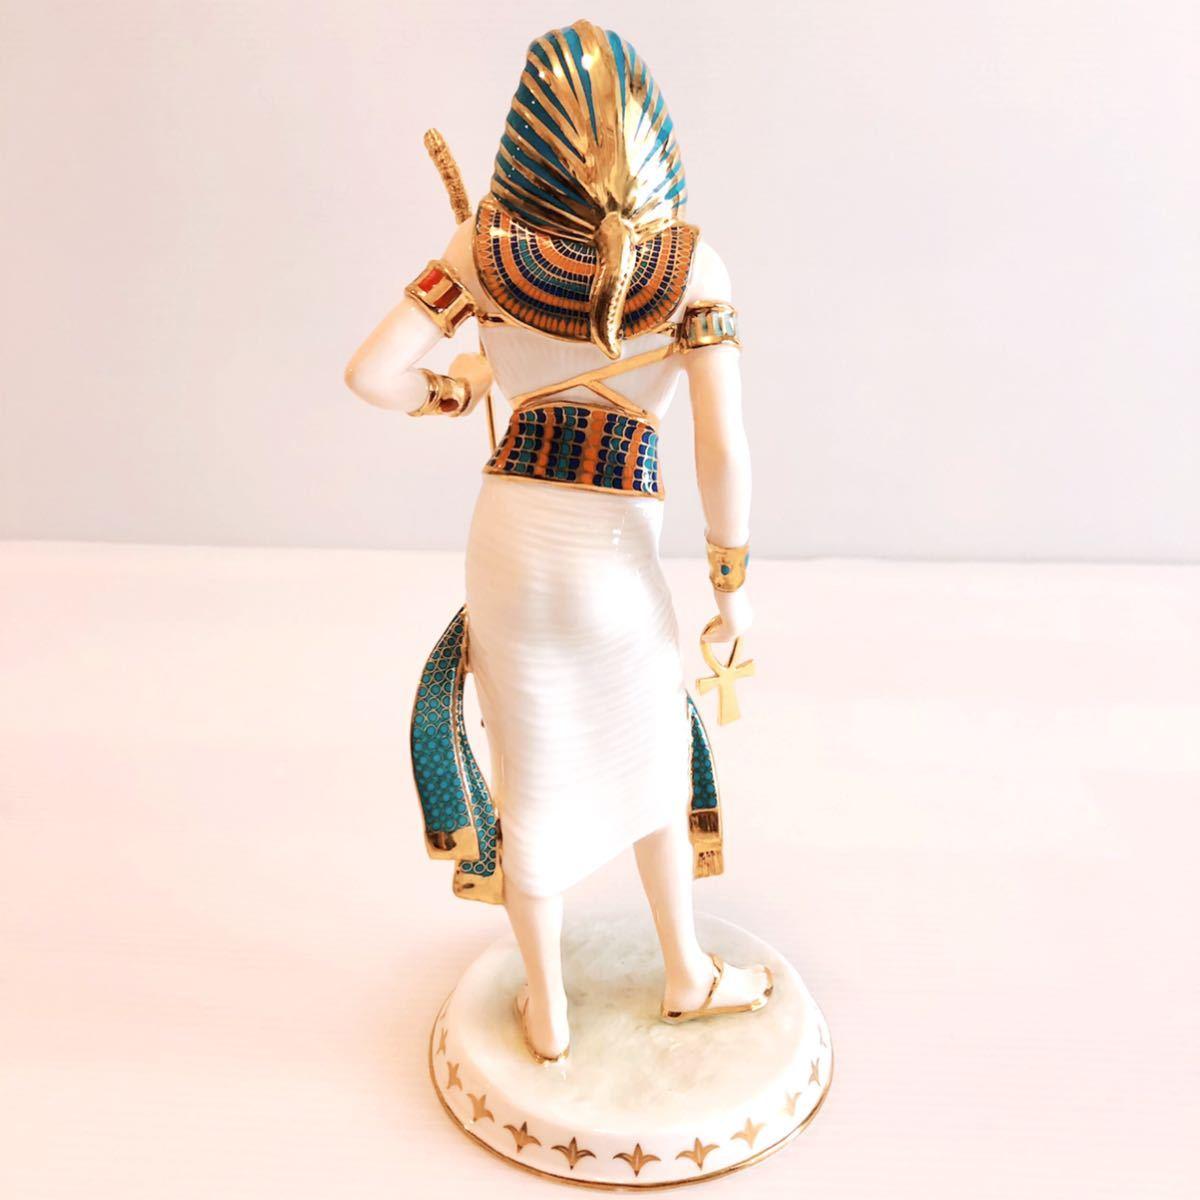 【貴重】WEDGWOOD/ツタンカーメン/The Boy King/Tutankhamun/ウェッジウッド/激レア/英国製/イギリス/置物 /限定品/陶器人形/フィギュア_画像4